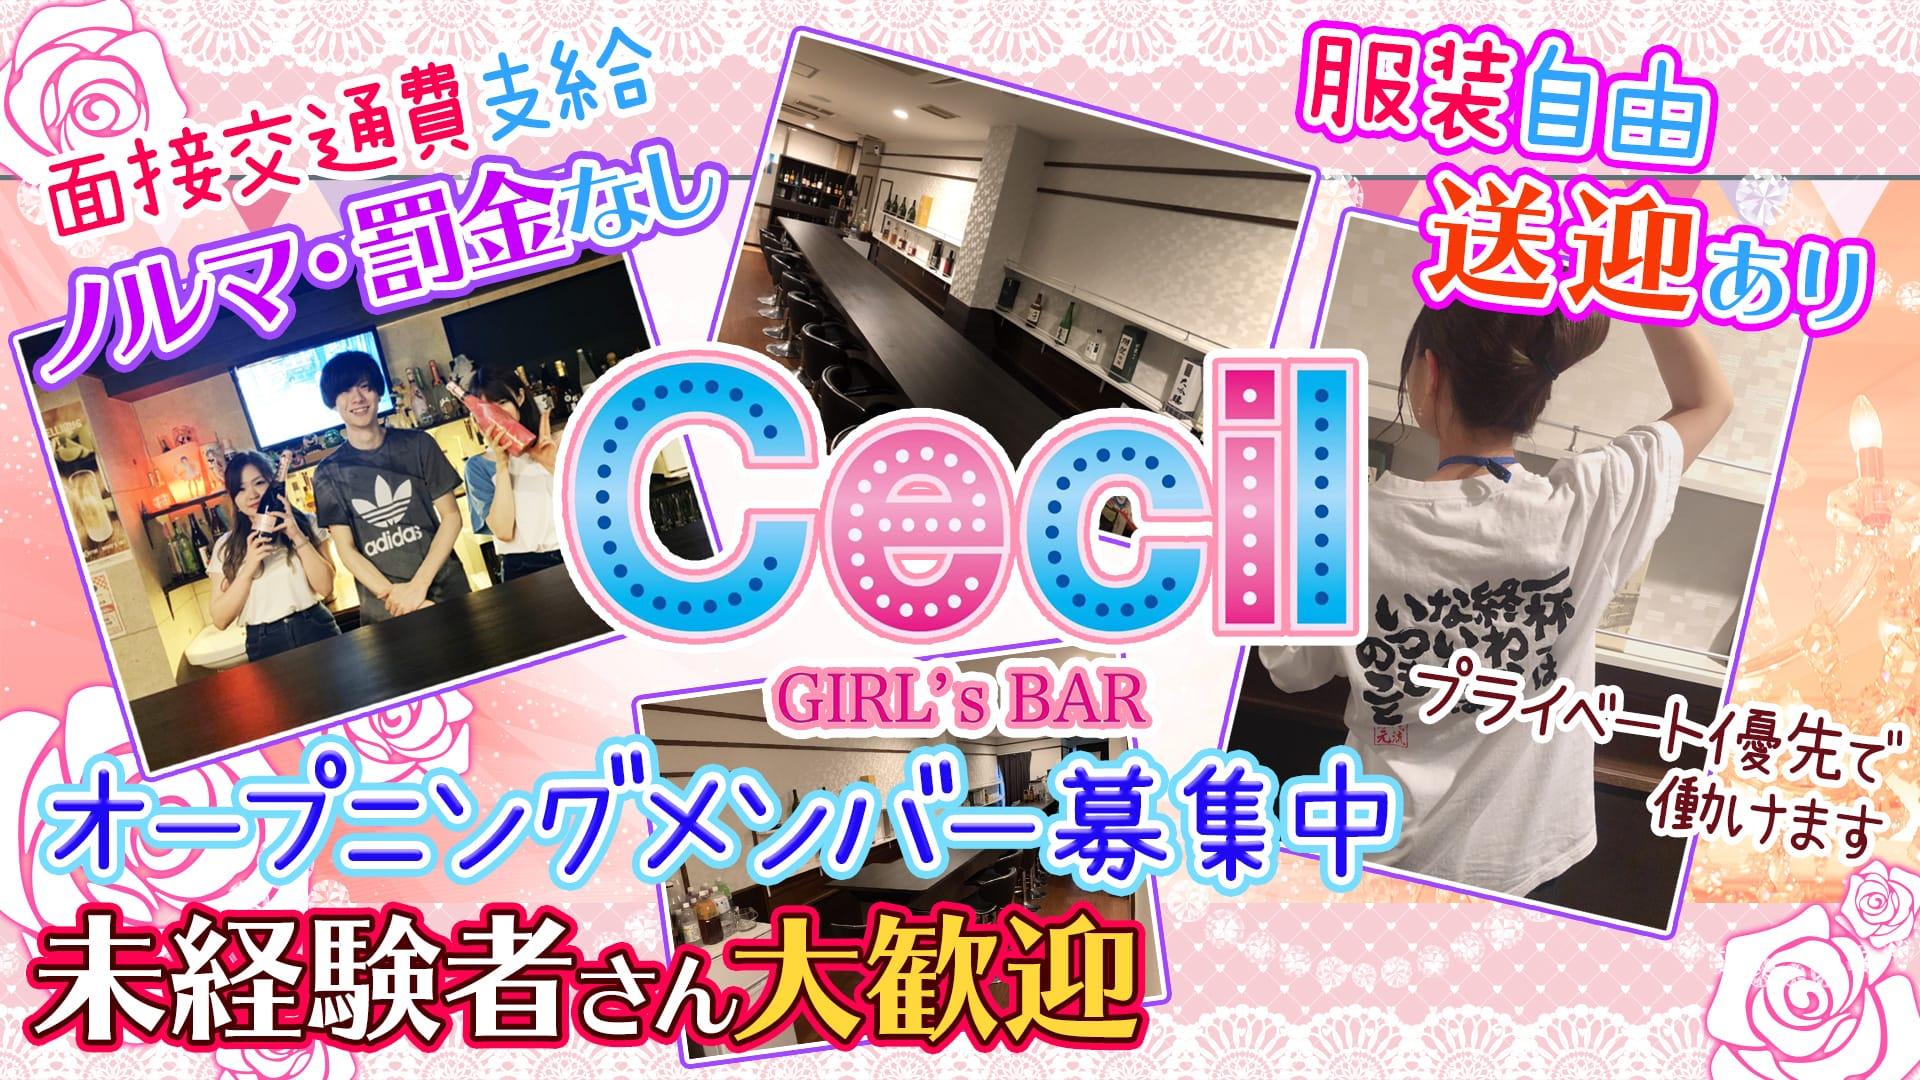 Girls Bar CECIL(セシル) 錦糸町ガールズバー TOP画像